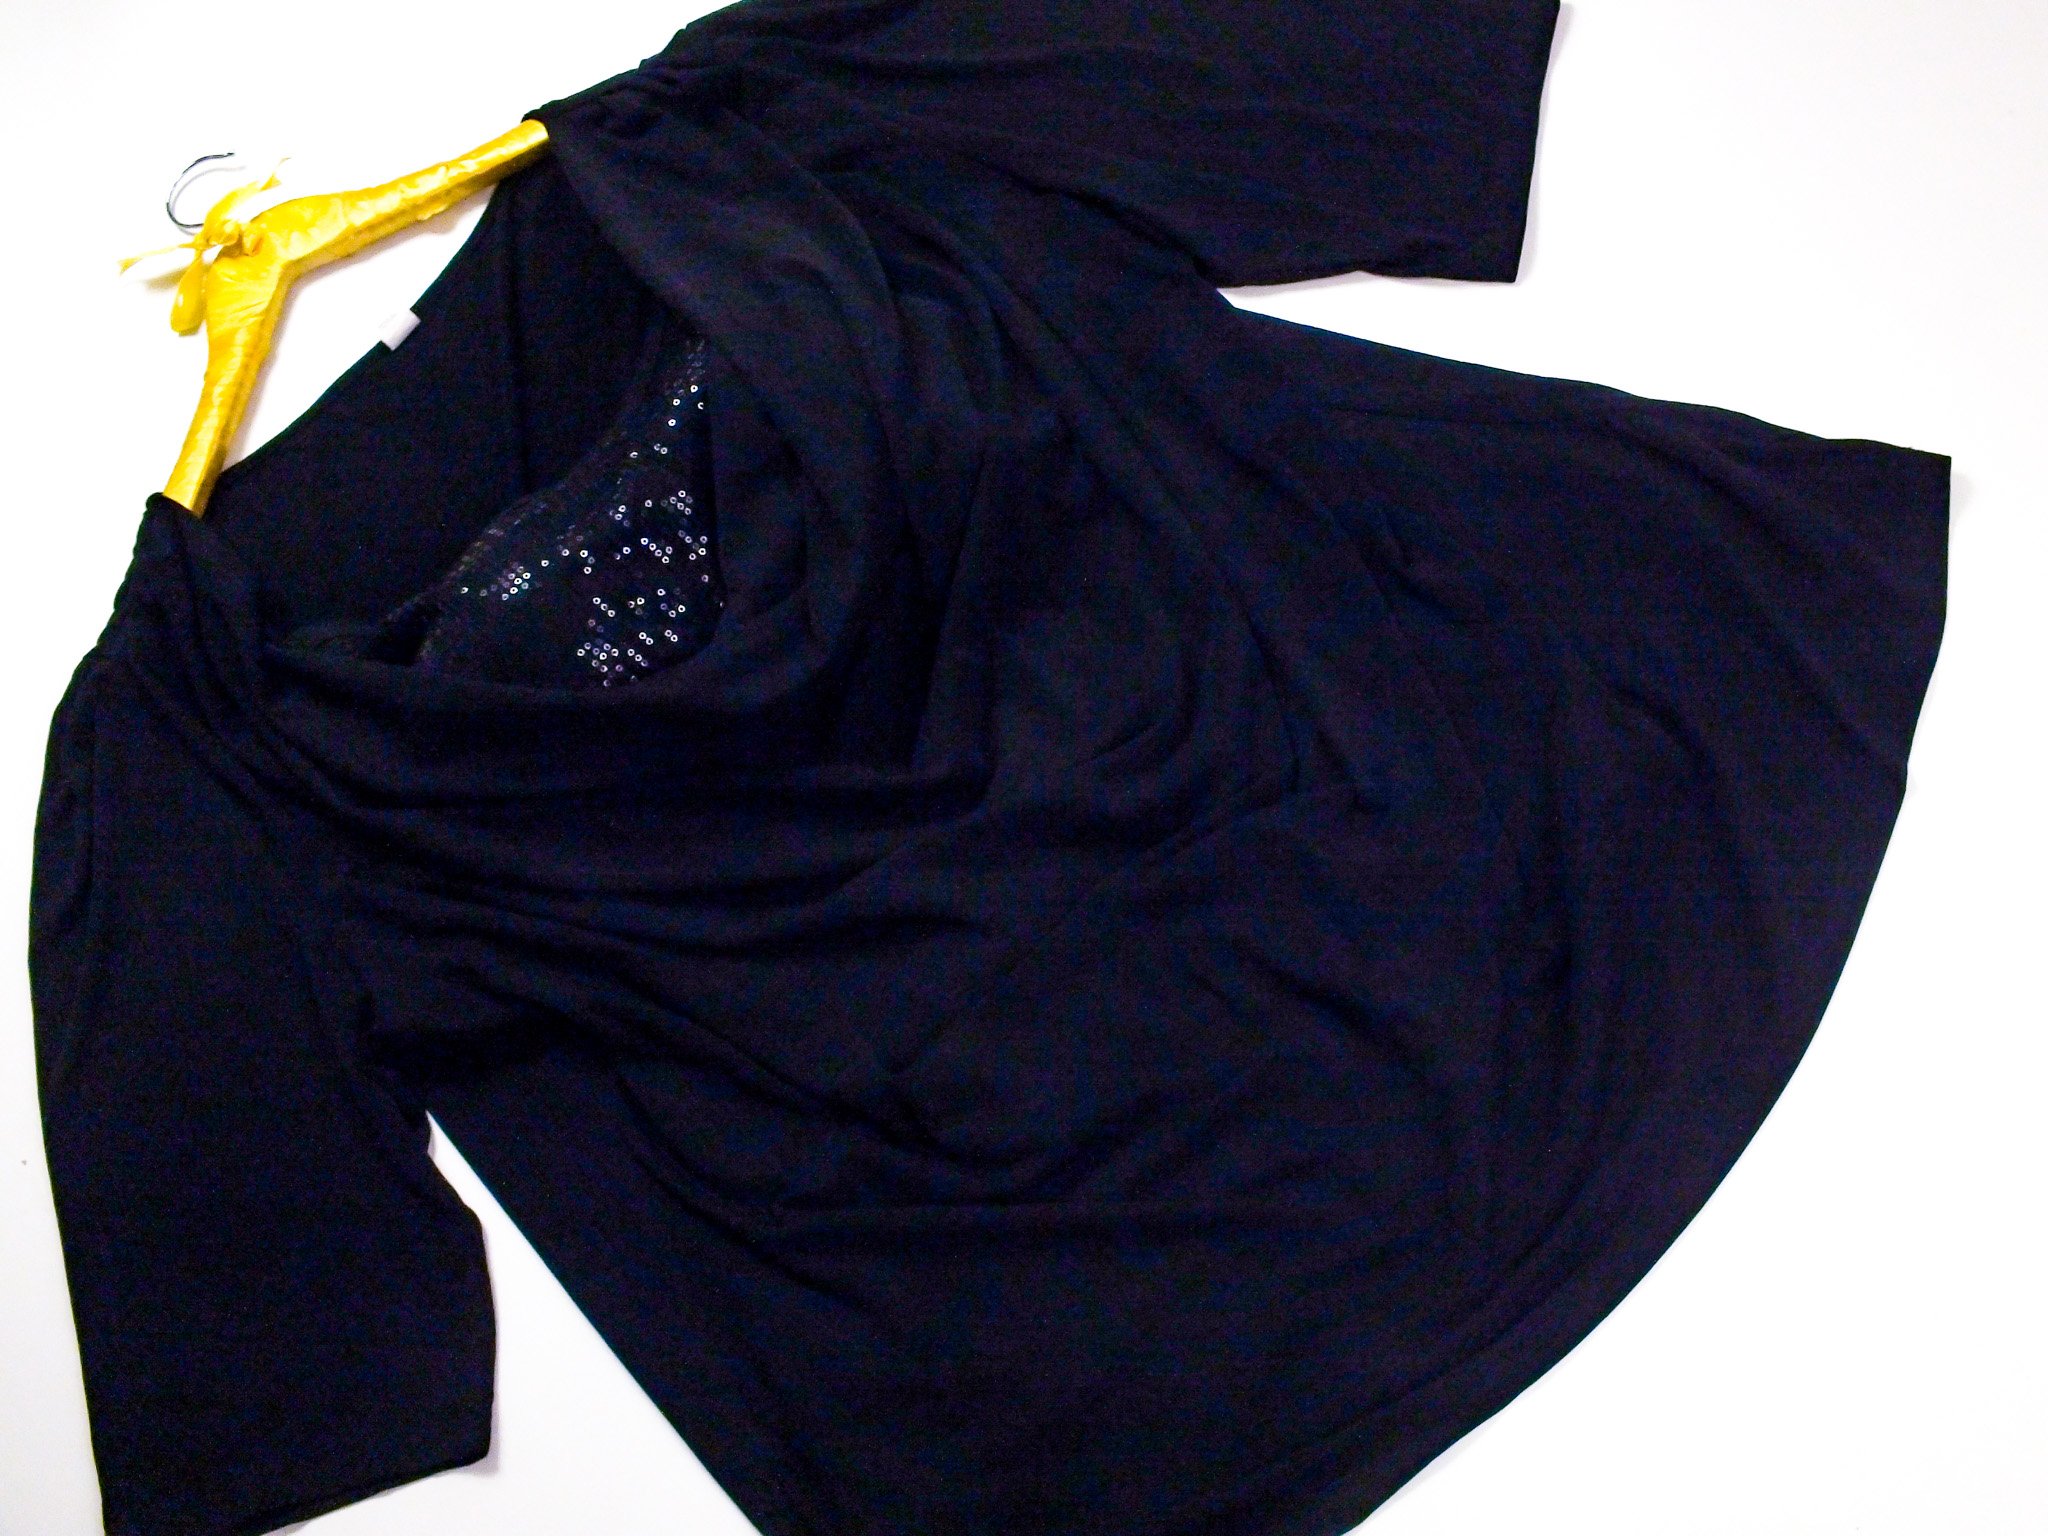 b940047af3 56  - Bluzka z cekinami - 7316804193 - oficjalne archiwum allegro